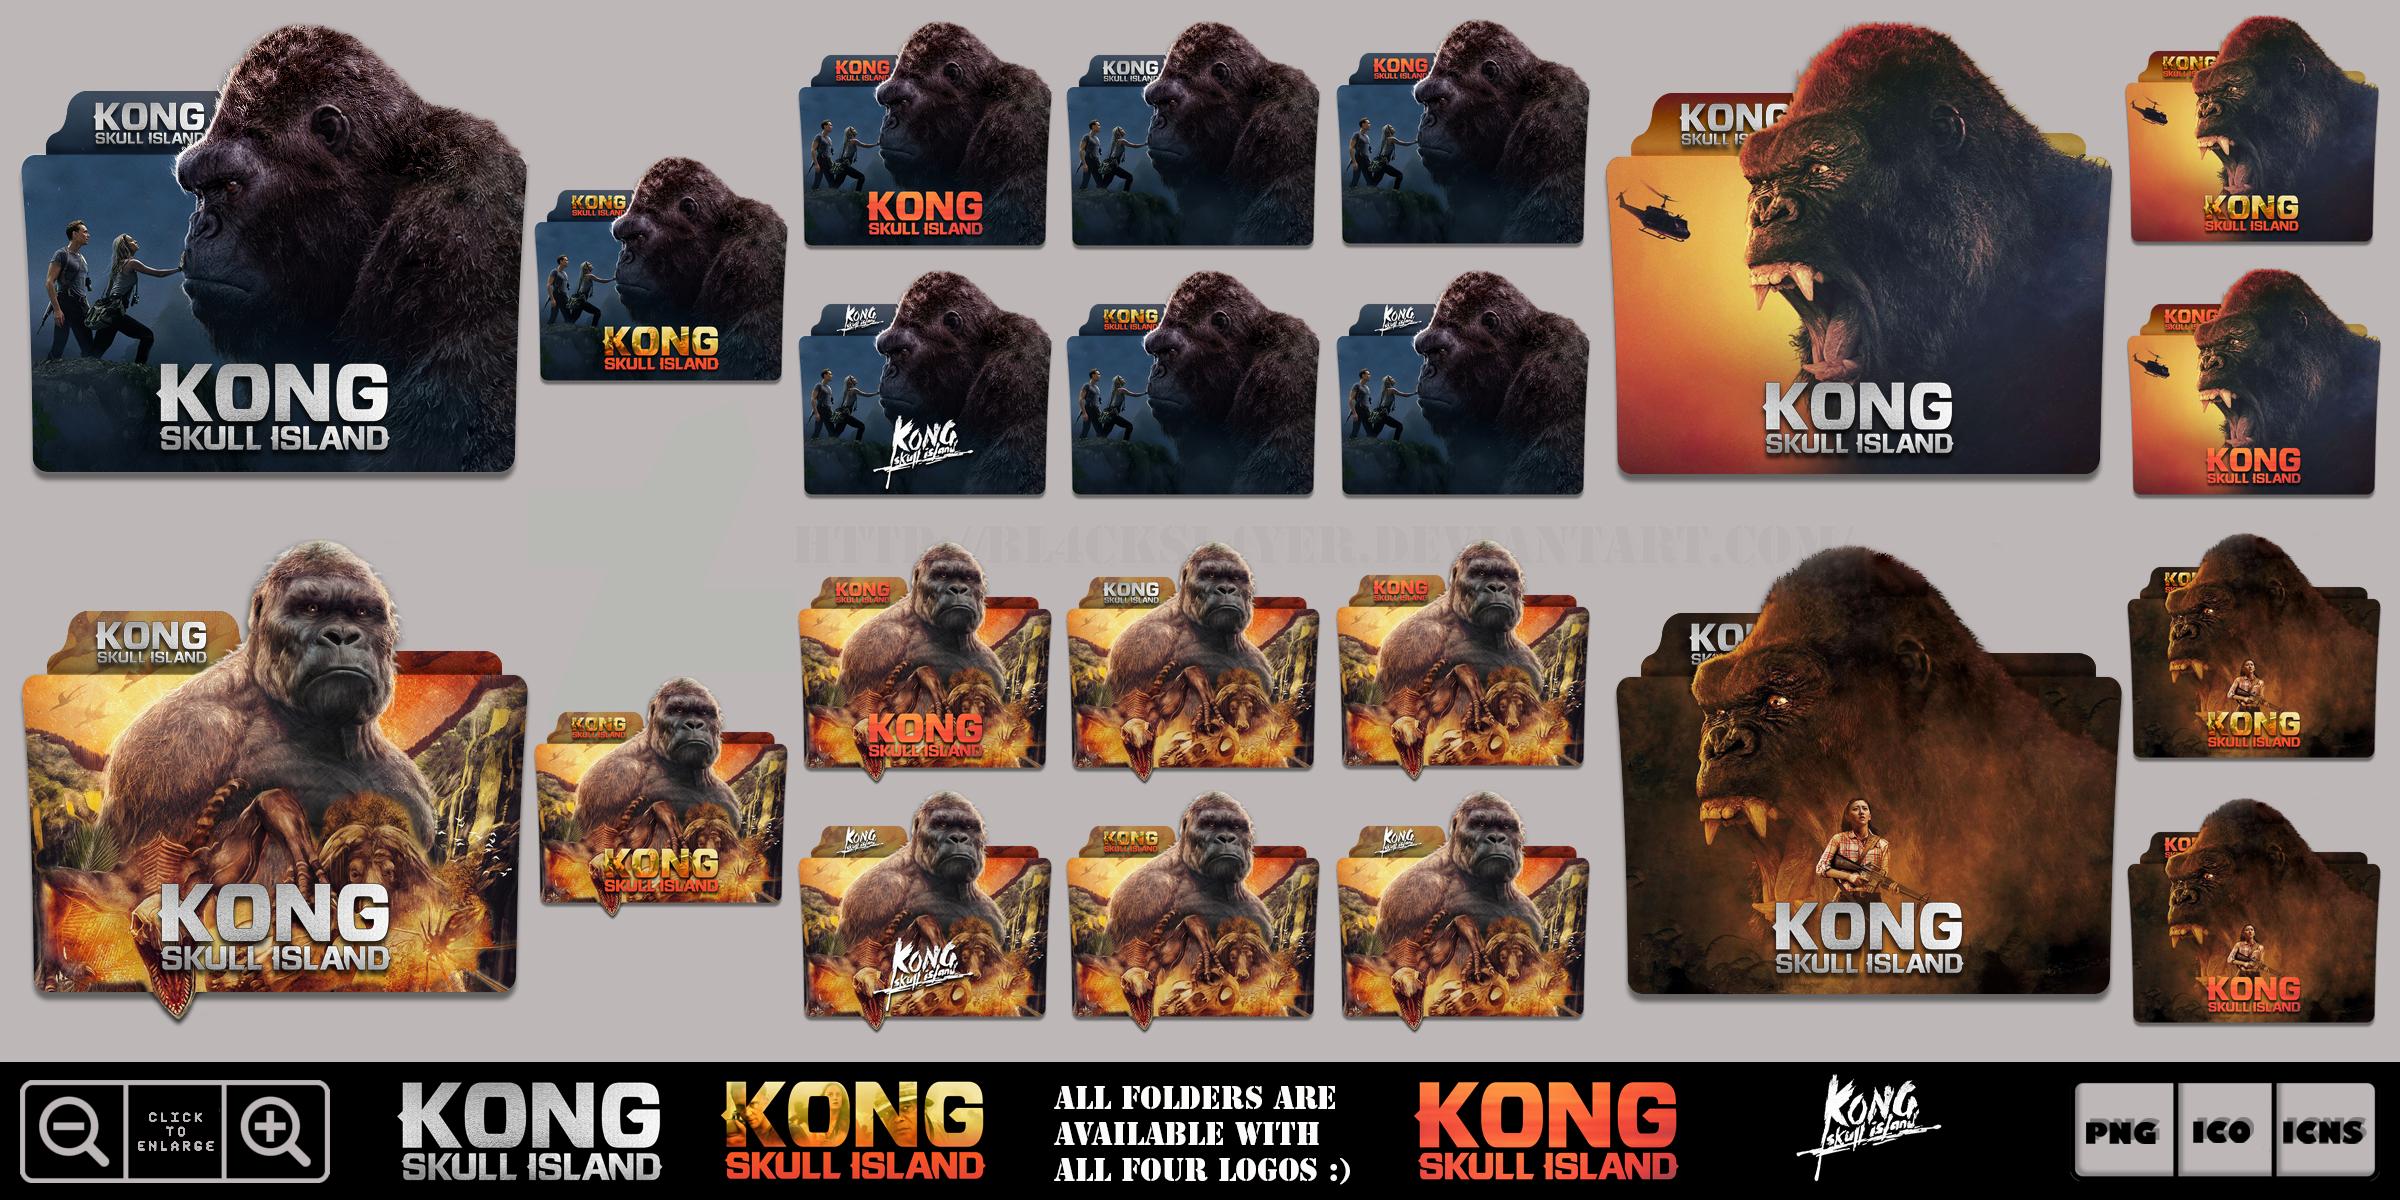 Kong Skull Island 2017 Folder Icon Pack By Bl4cksl4yer On Deviantart